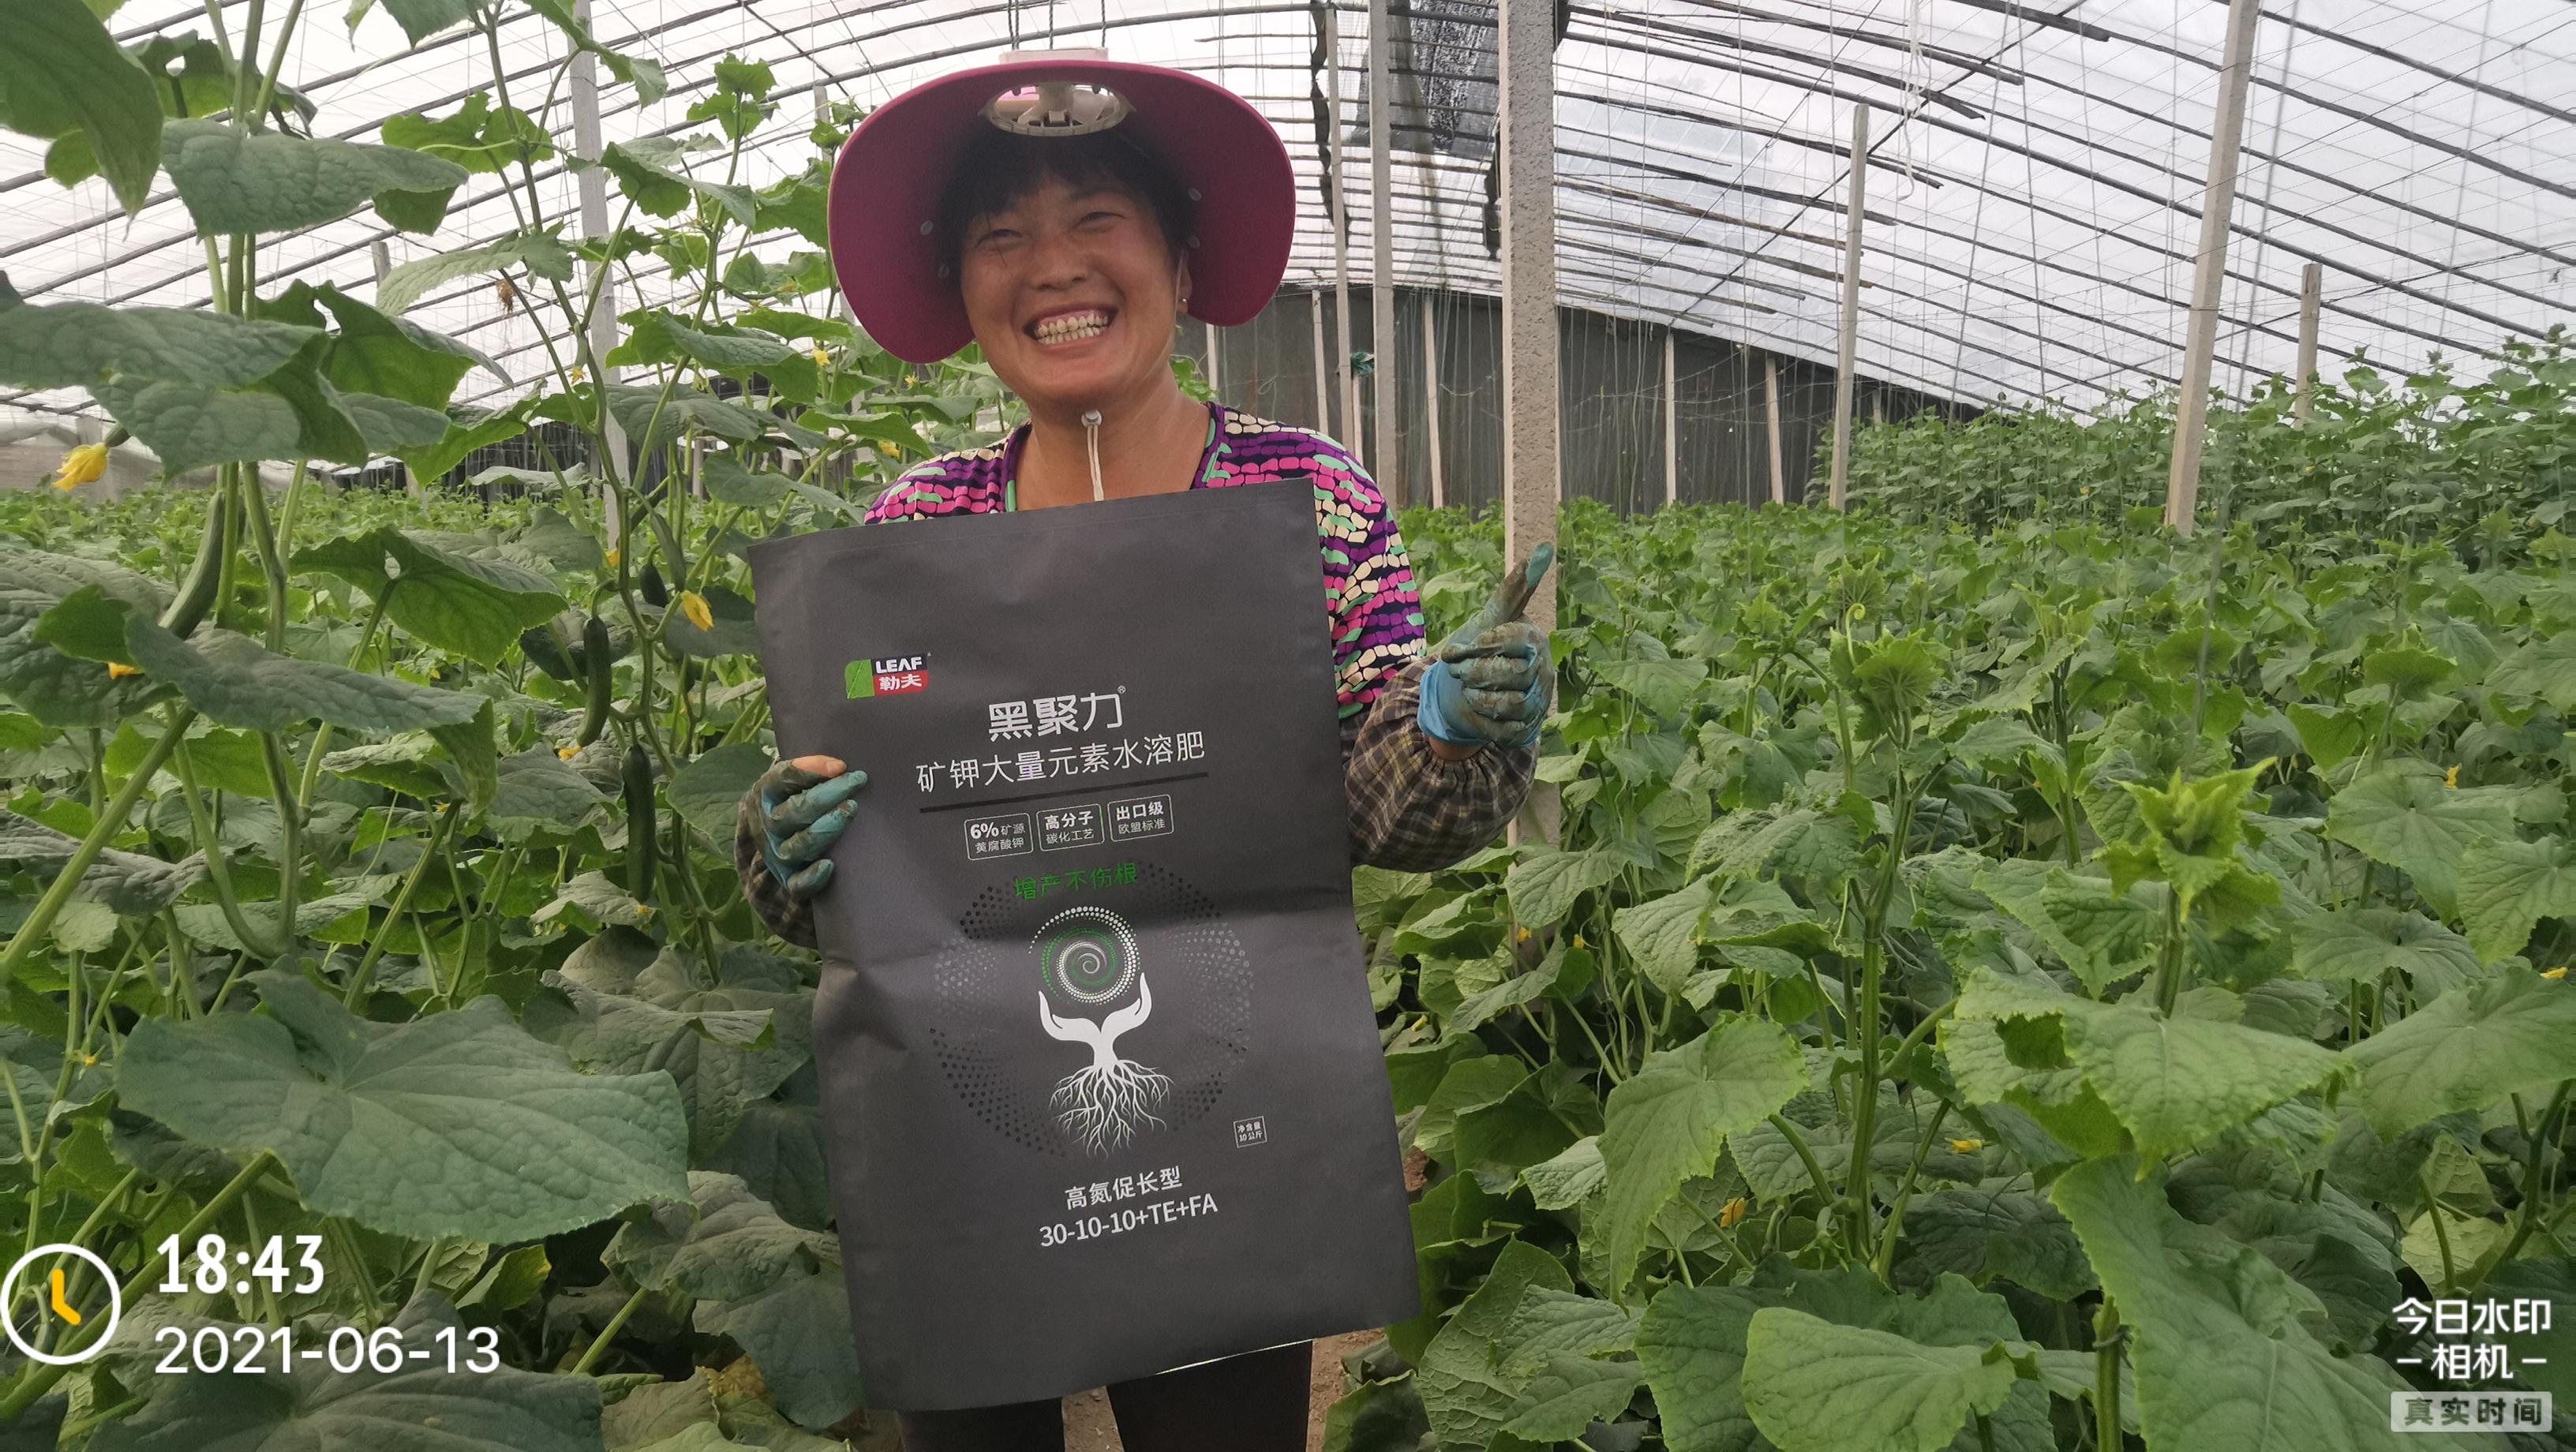 黃瓜下瓜期難管理怎么辦?看看山東壽光的農戶是怎么做的?